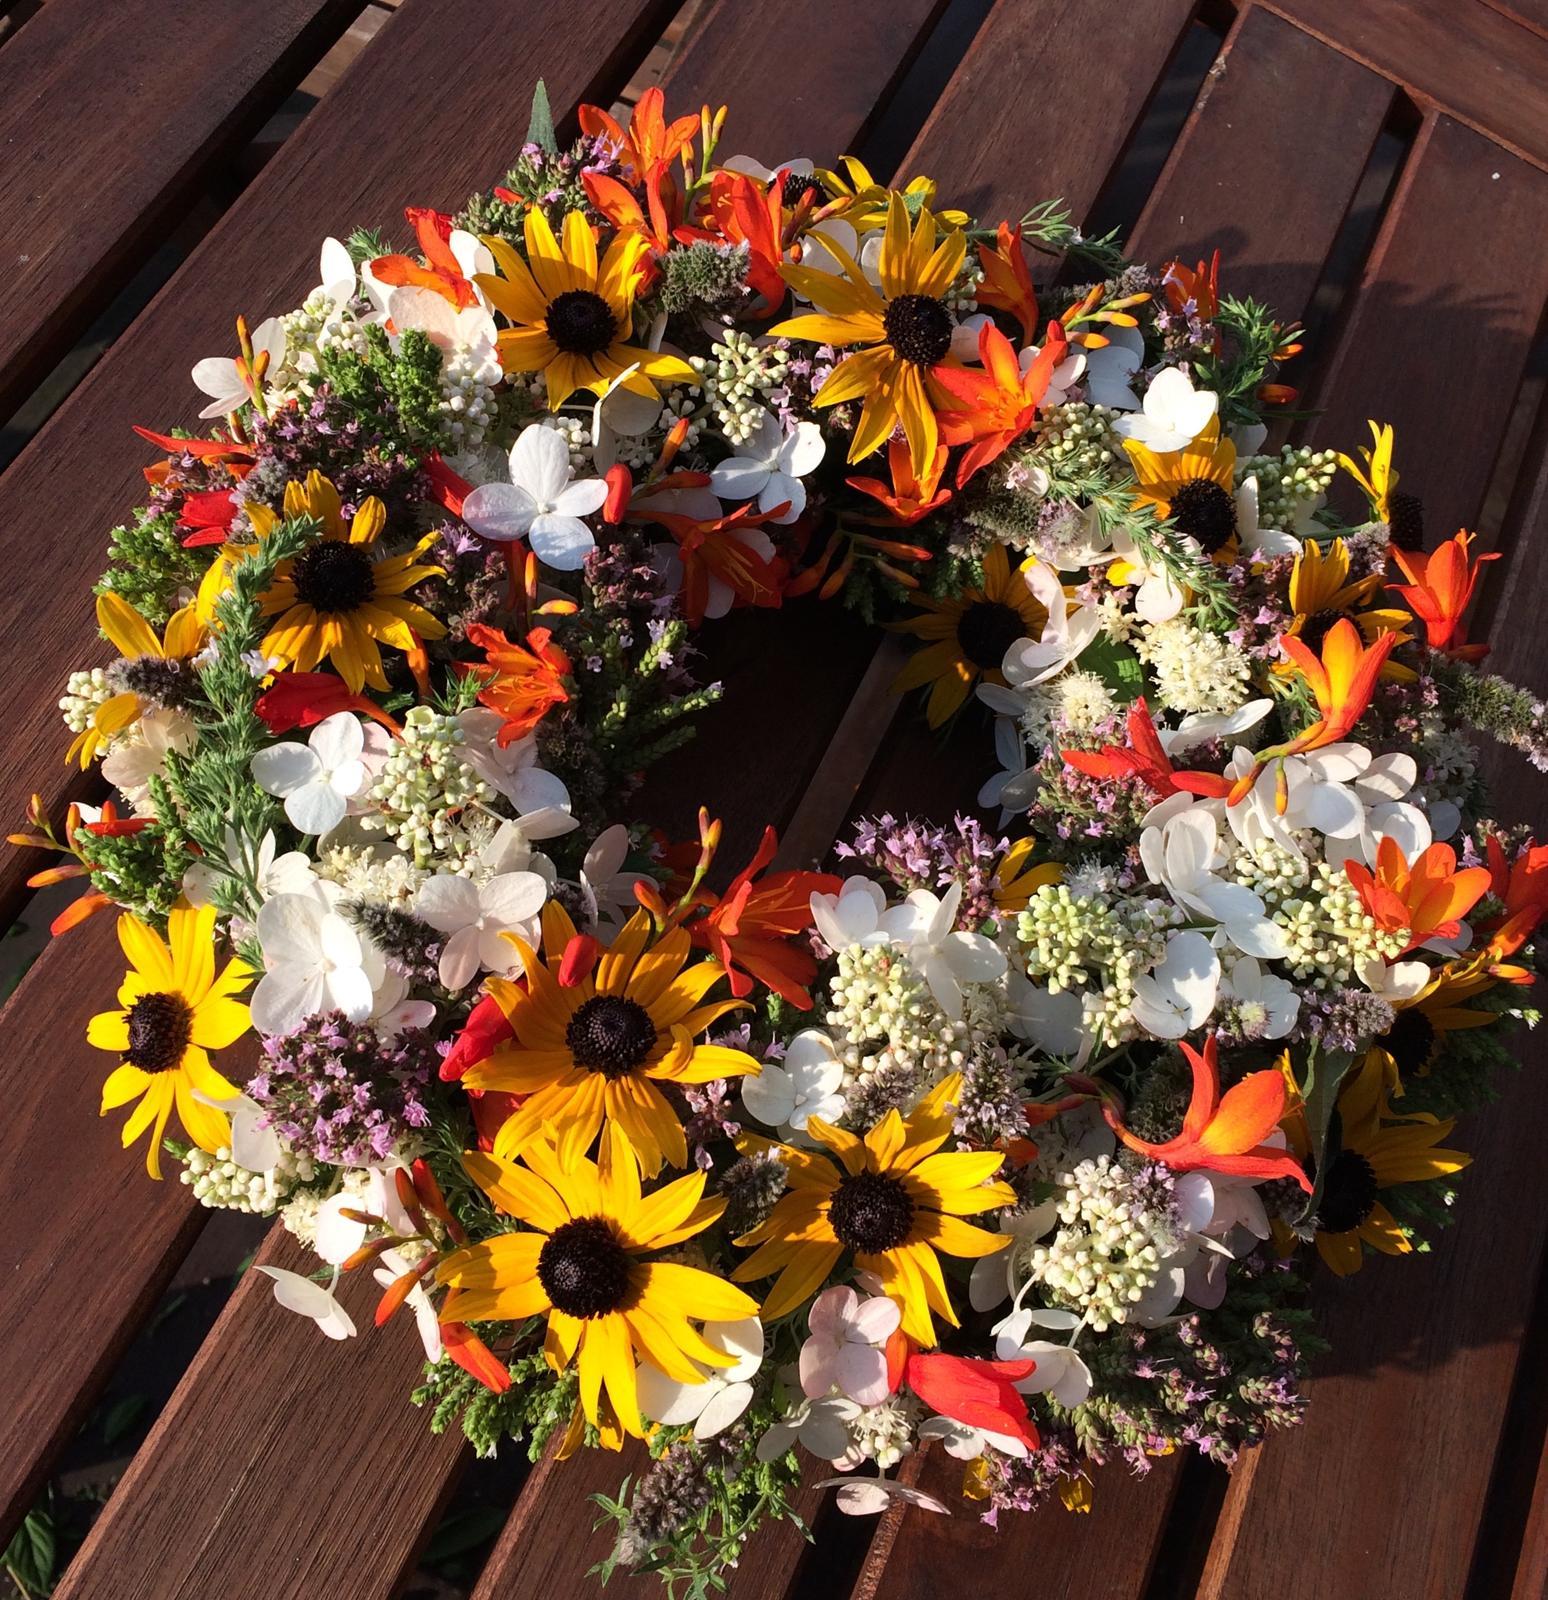 Dekorace z květin Pro radost - Letní vypichovaný do florexu - bylinková zeleň( máta, saturejka, oregano), hortenzie,montbrécie, rudbekie